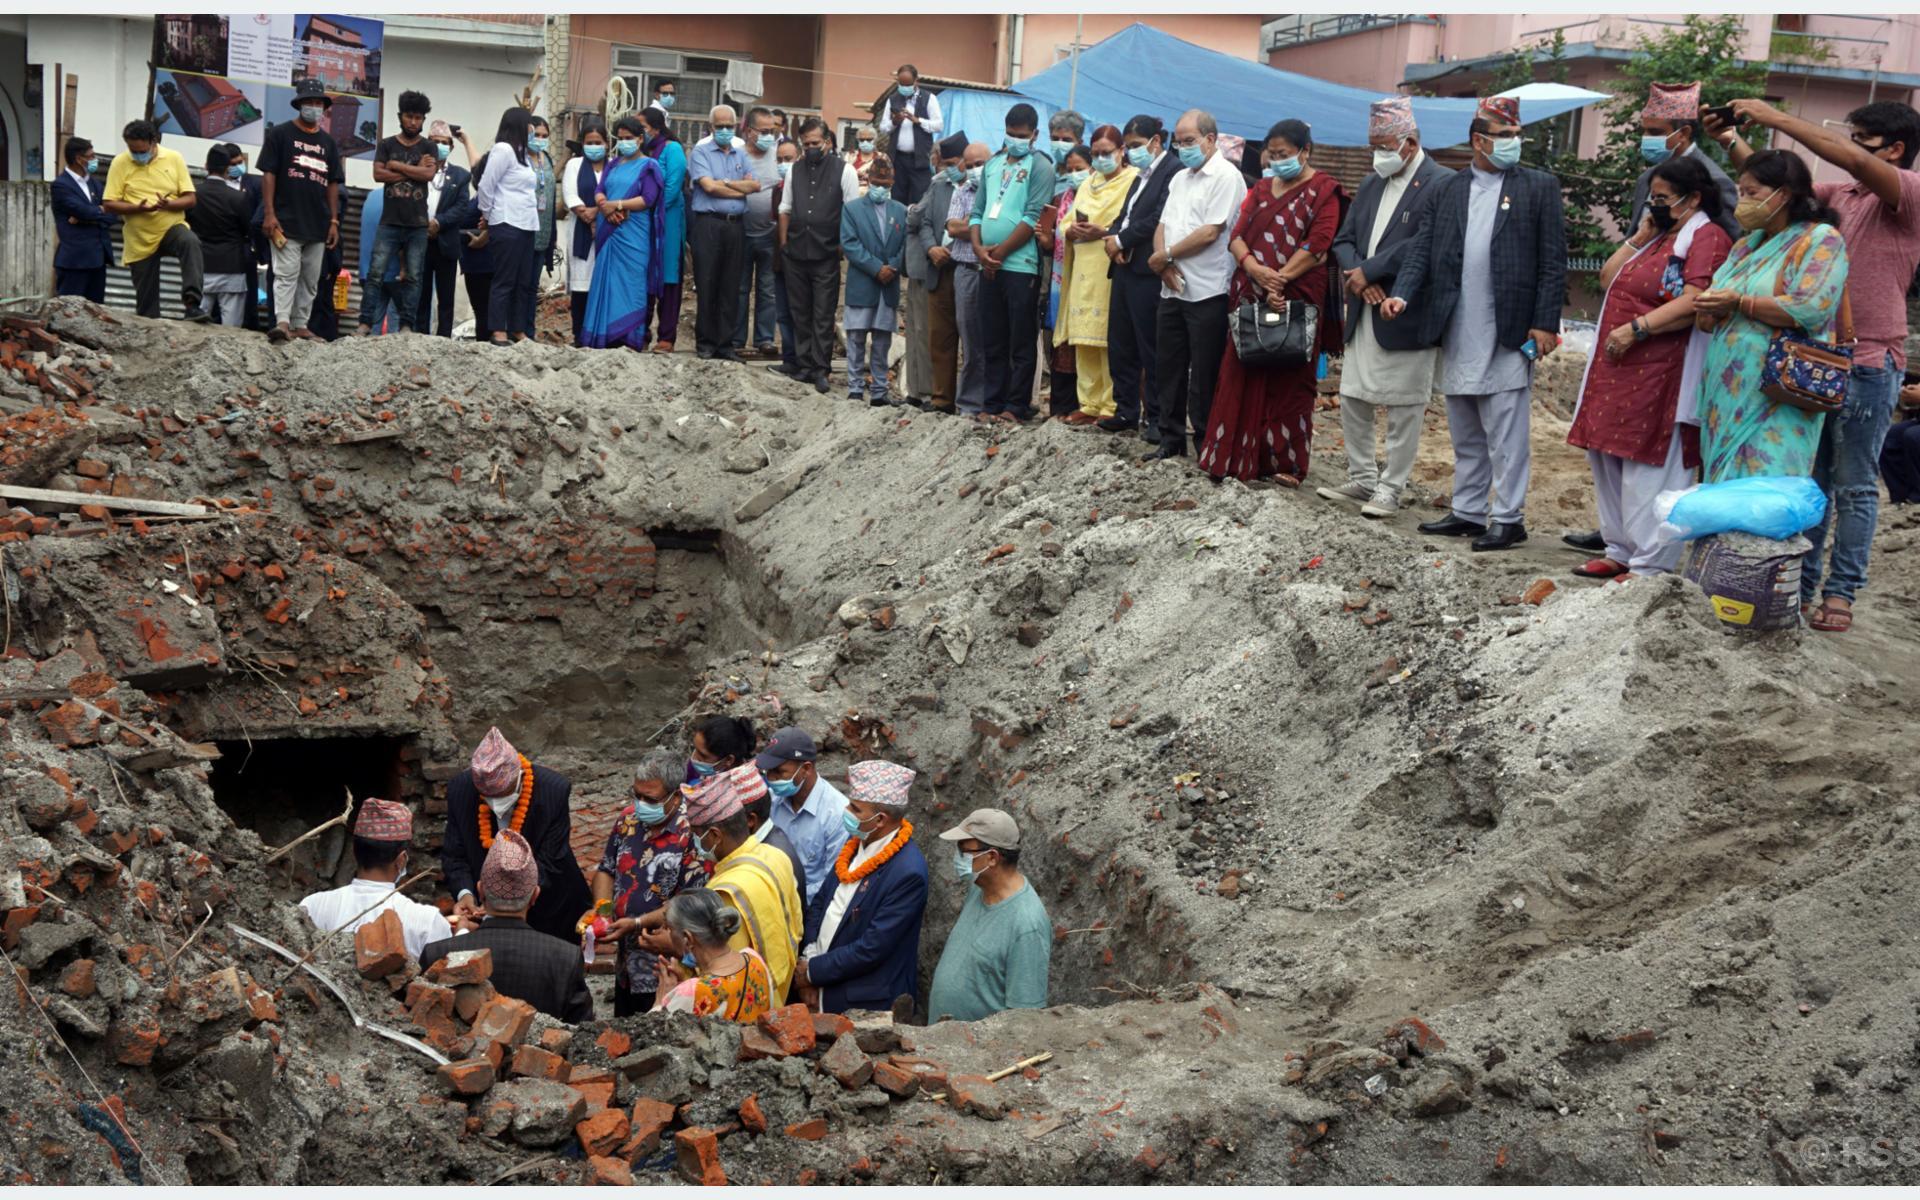 मैतीदेवीमा 'महाकवि लक्ष्मीप्रसाद देवकोटा सङ्ग्रहालय' को शिलान्यास गर्दै नेपाल प्रज्ञा प्रतिष्ठानका कुलपति गङ्गाप्रसाद उप्रेतीलगायत देवकोटाका परिवार । नारायण ढुङ्गाना/रासस